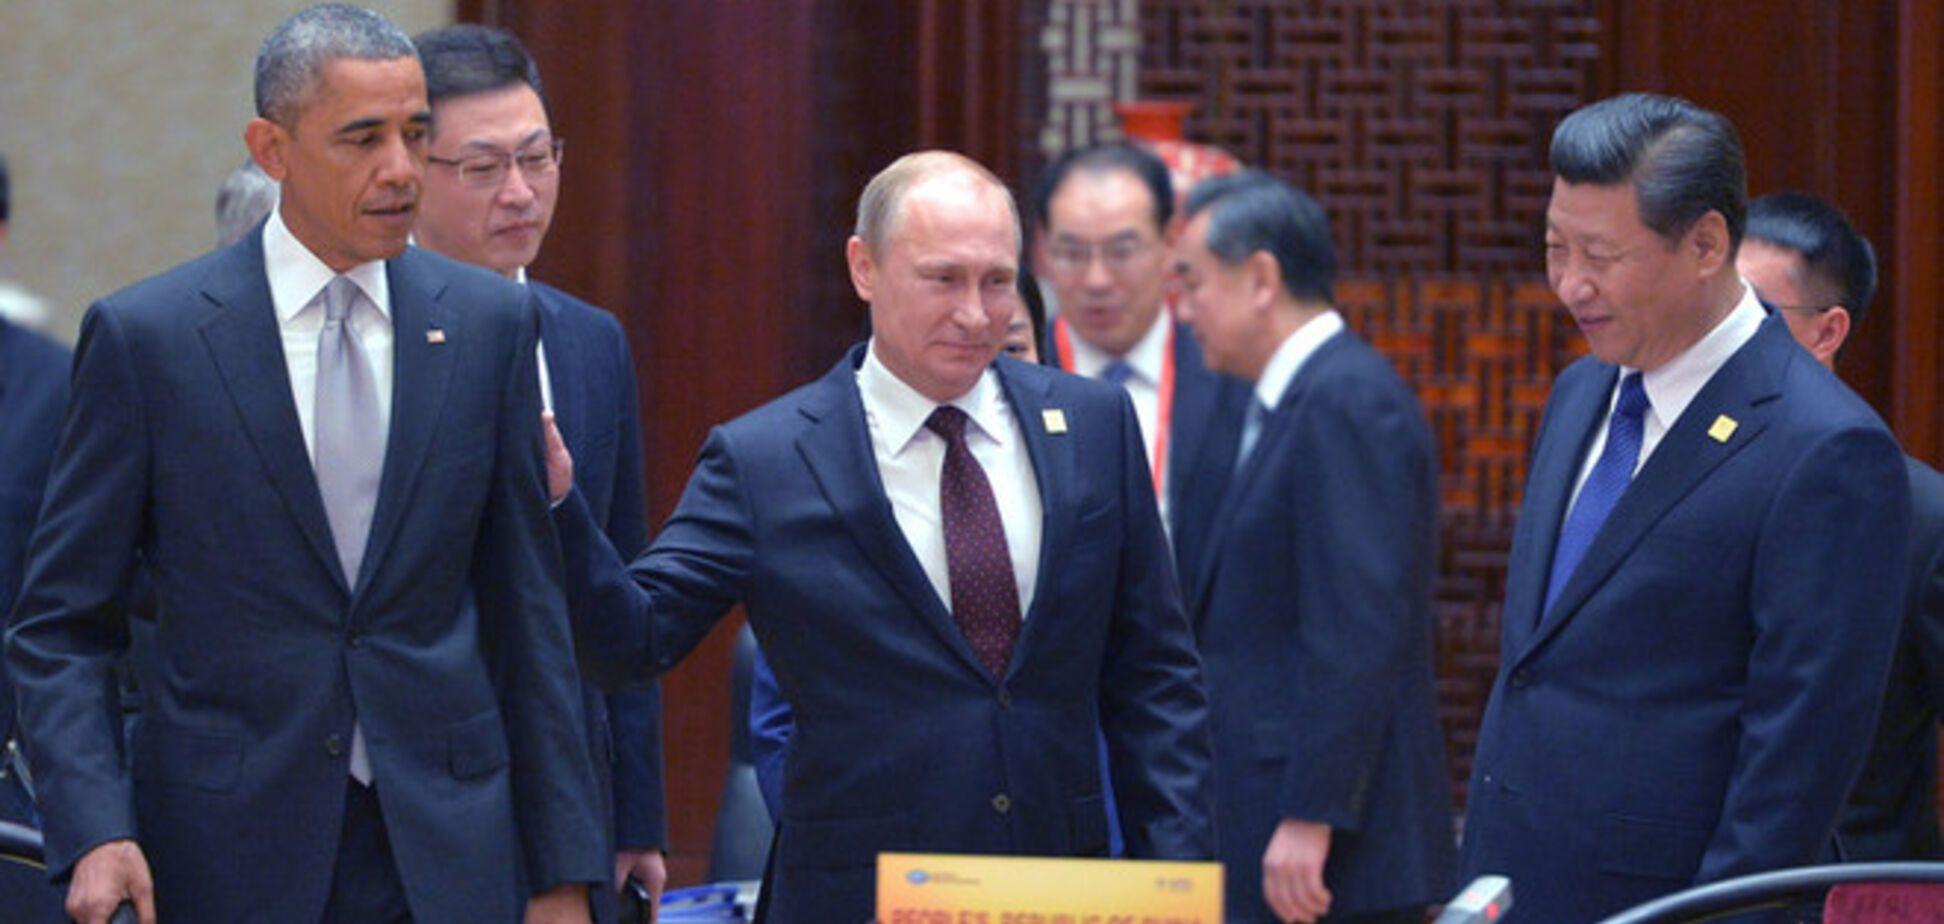 Путина в Австралии ждет жесткий разговор - эксперт